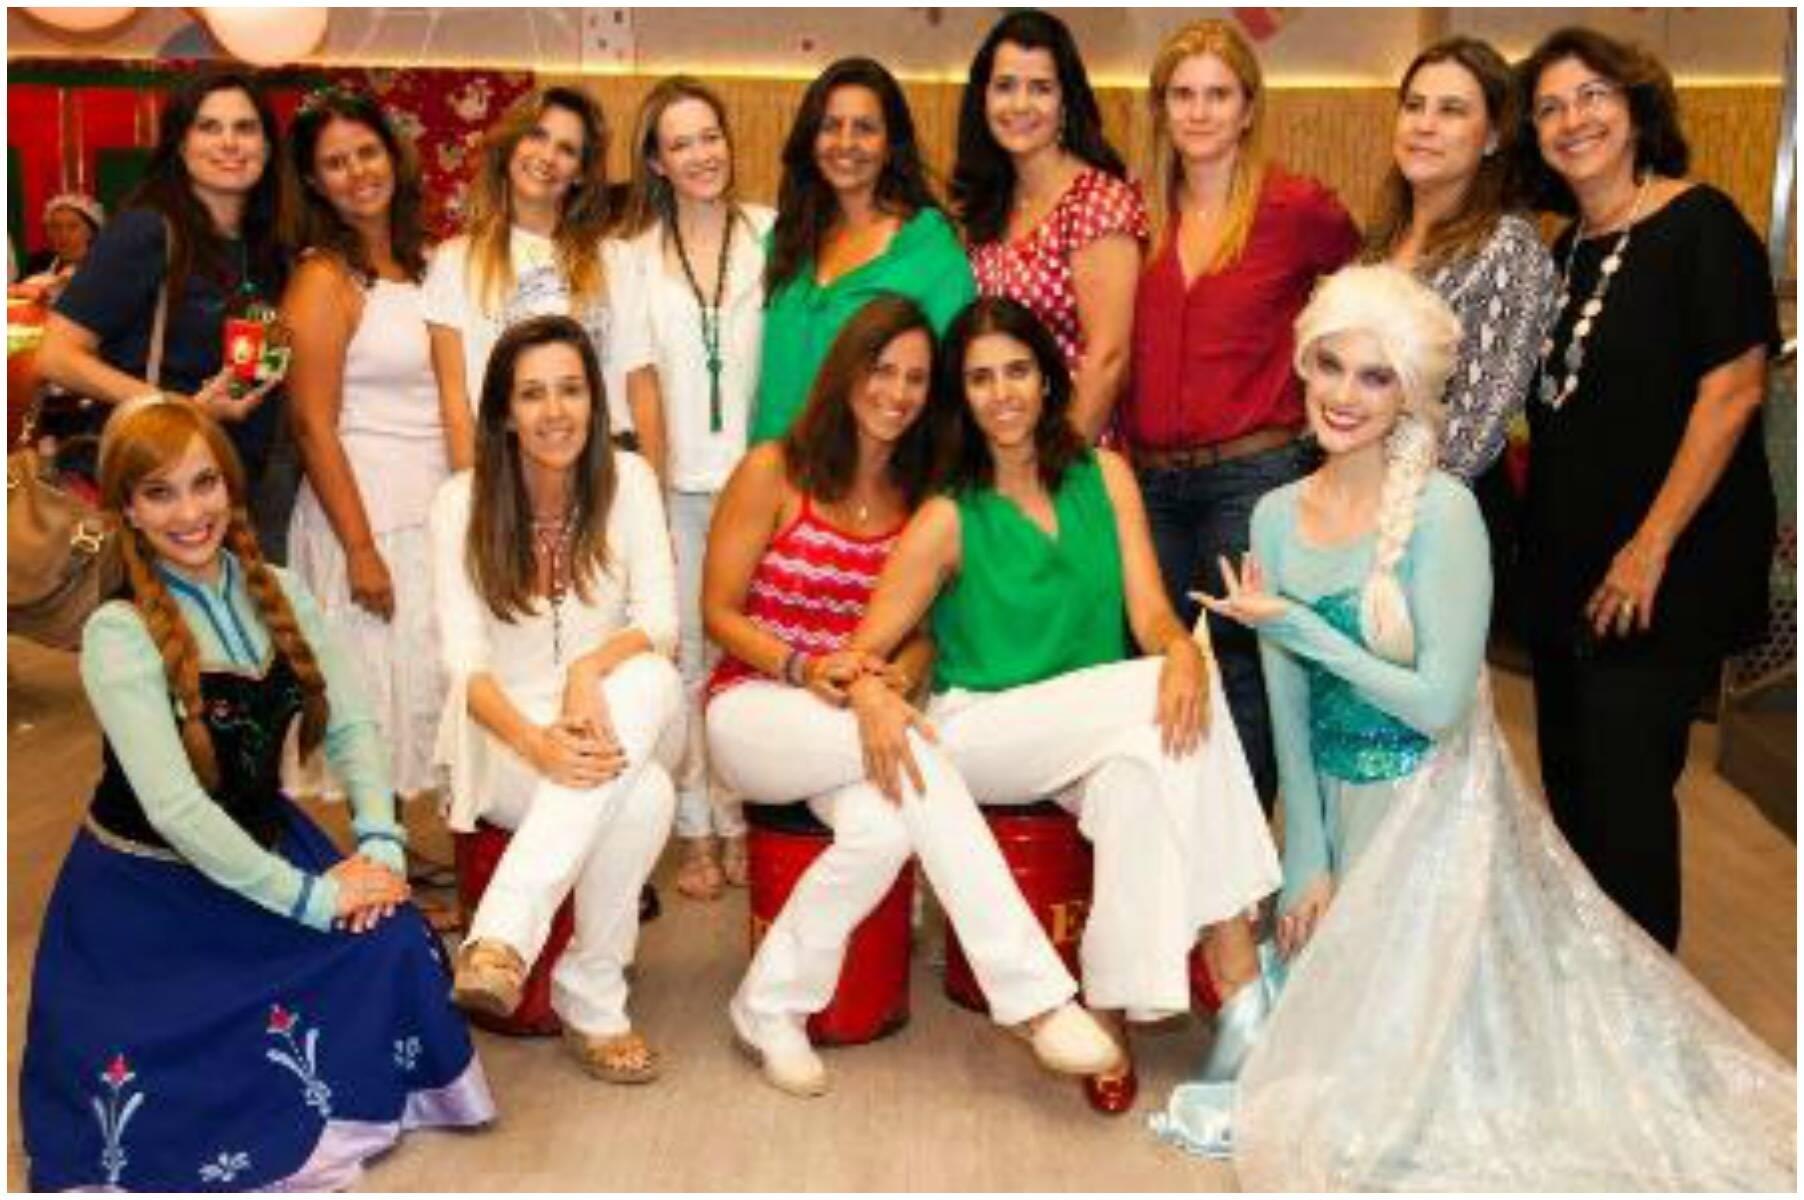 No alto, Renata Cordeiro Guerra, de blusa vermelha e branca, com Cristina Ferracciu e Maria Índio da Costa; acima, a equipe da festa e convidados reunidos / Foto: divulgação